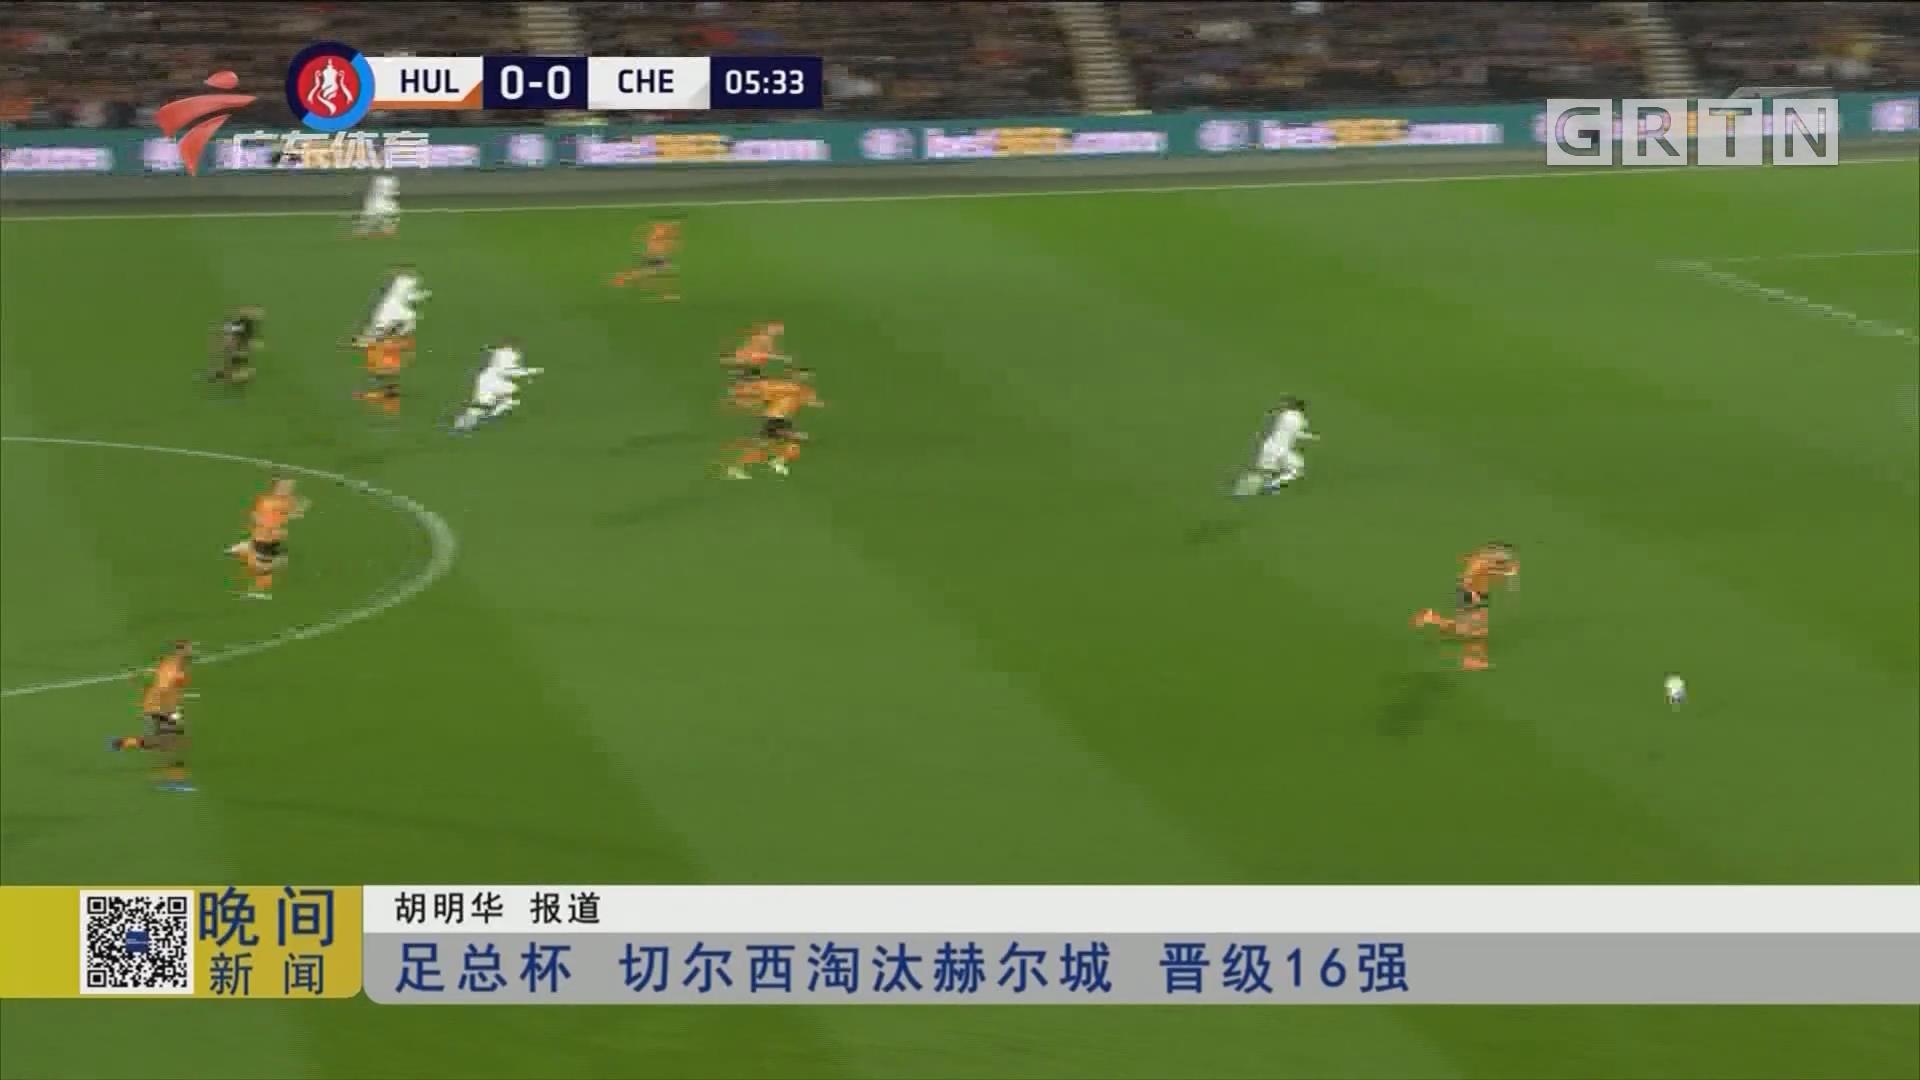 足总杯 切尔西淘汰赫尔城 晋级16强